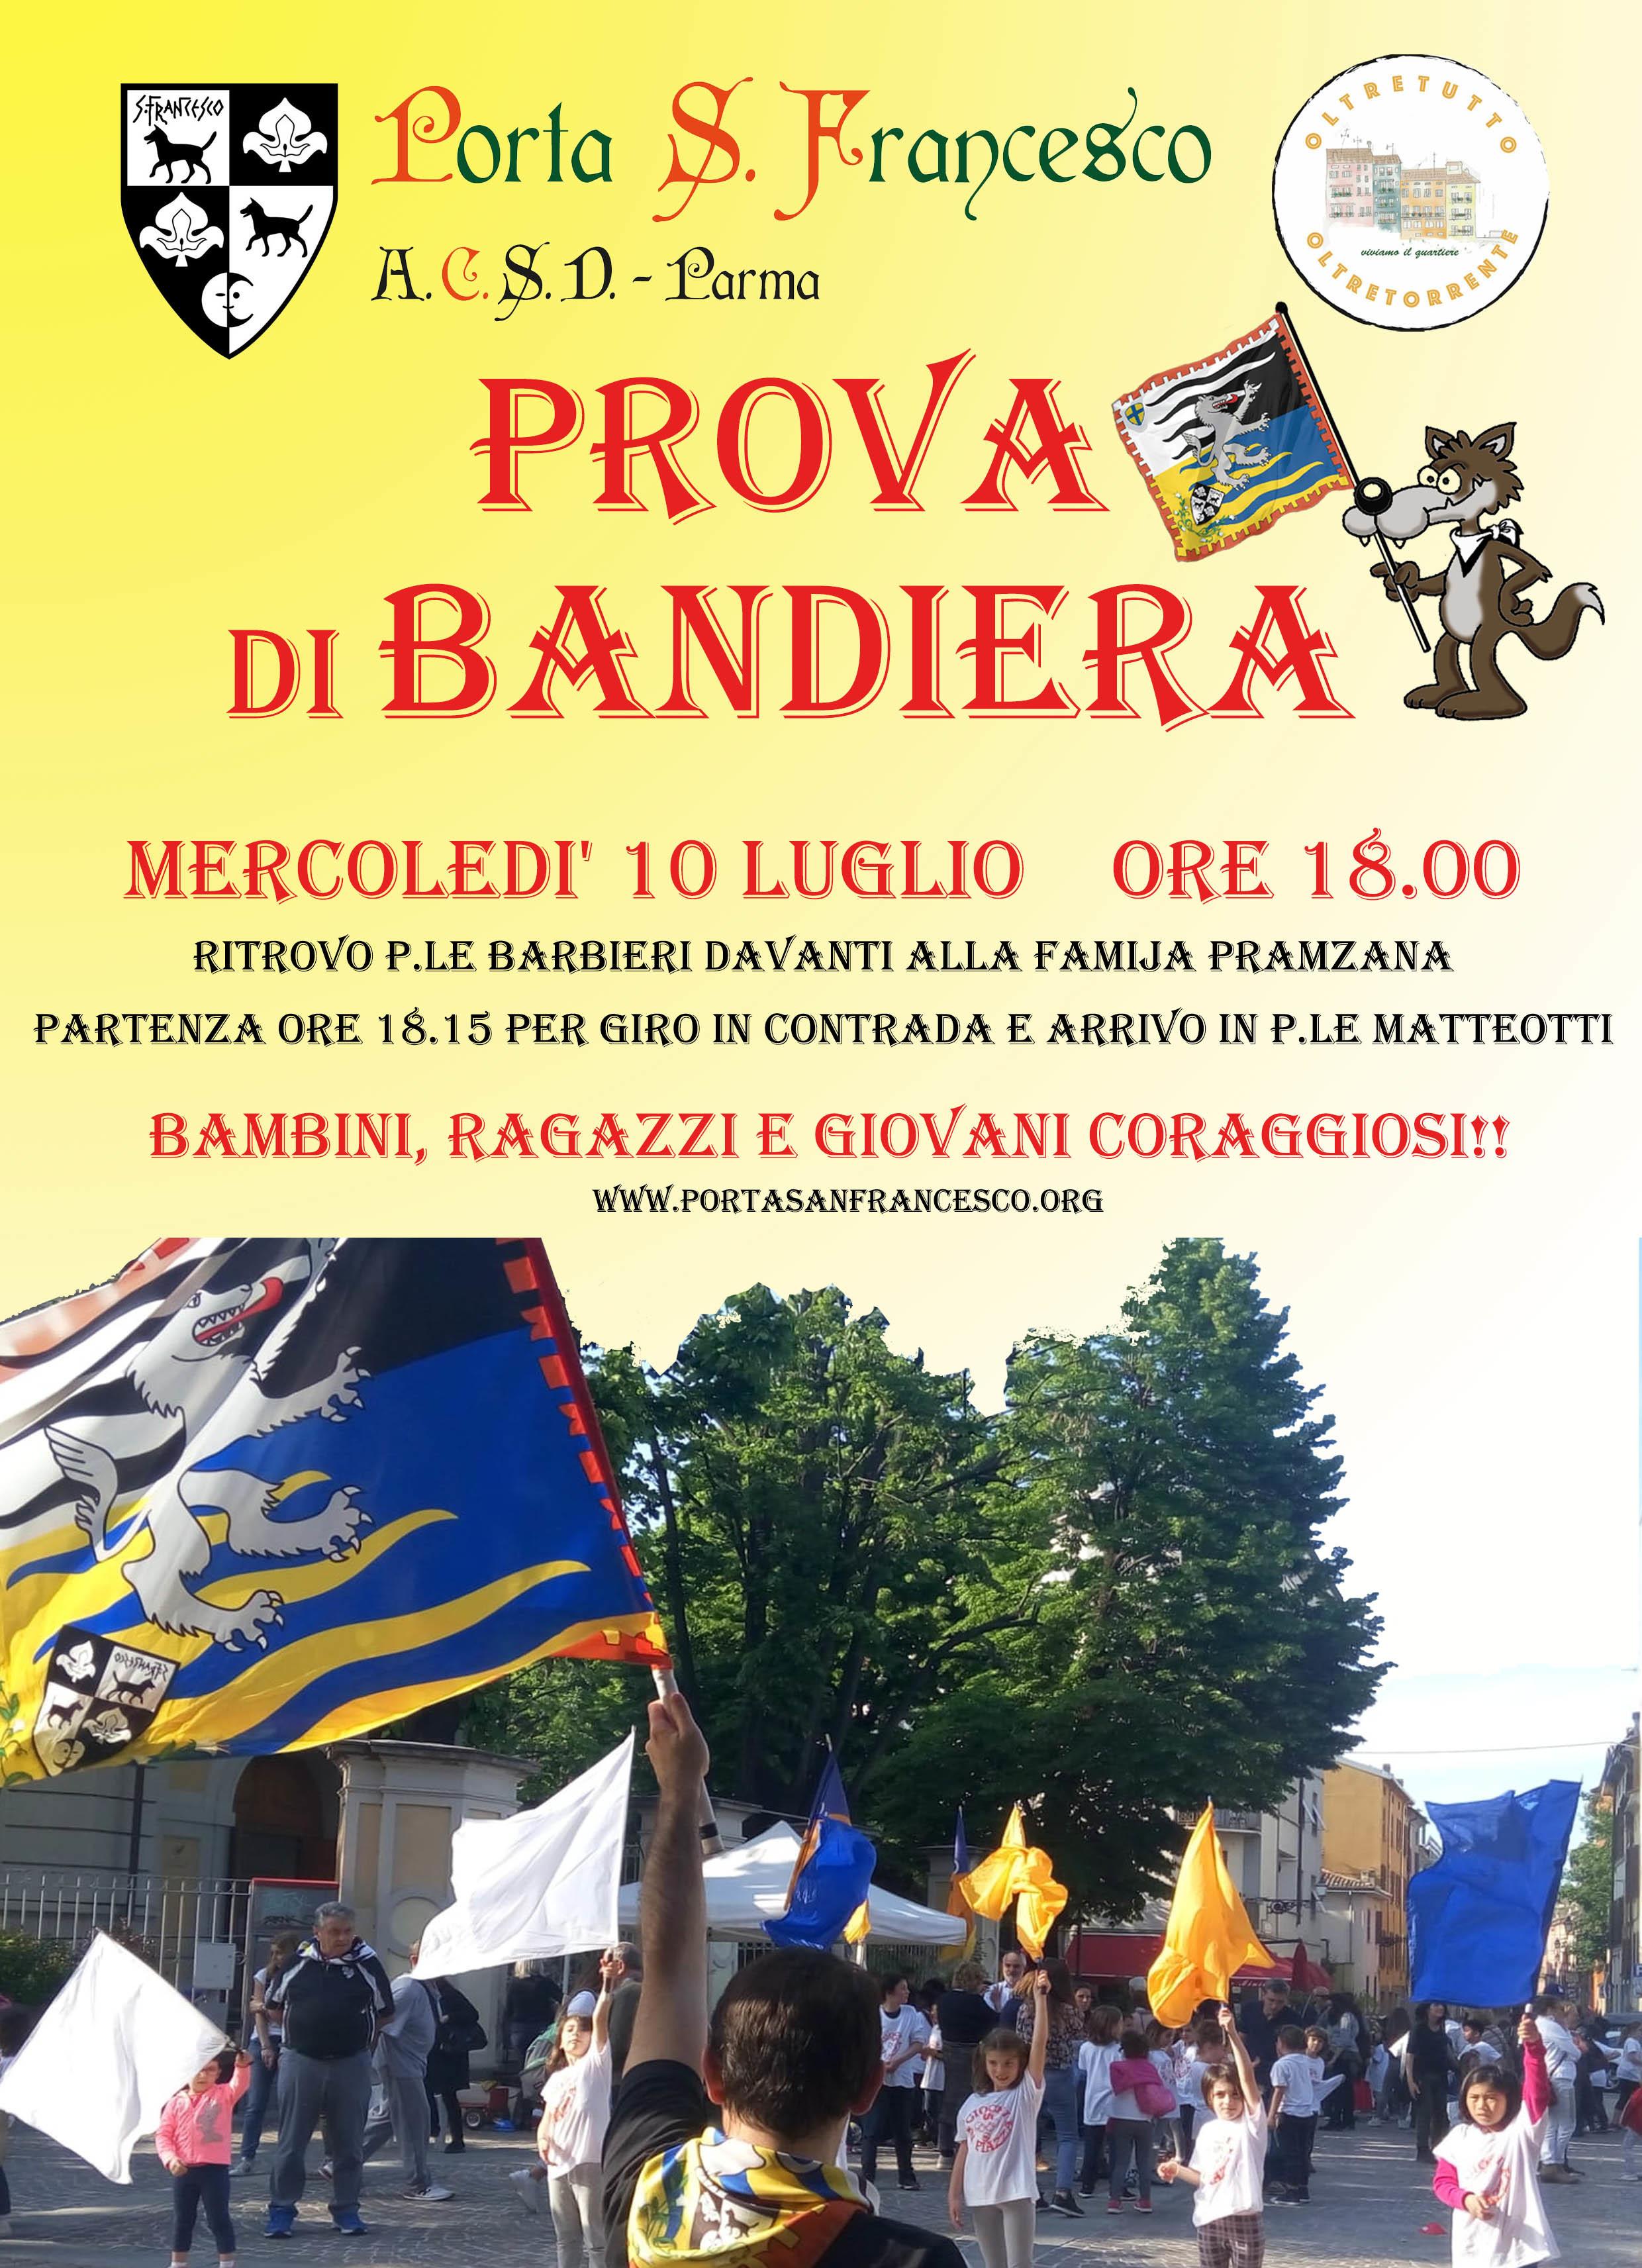 Prova di Bandiera organizzata da Porta San Francesco